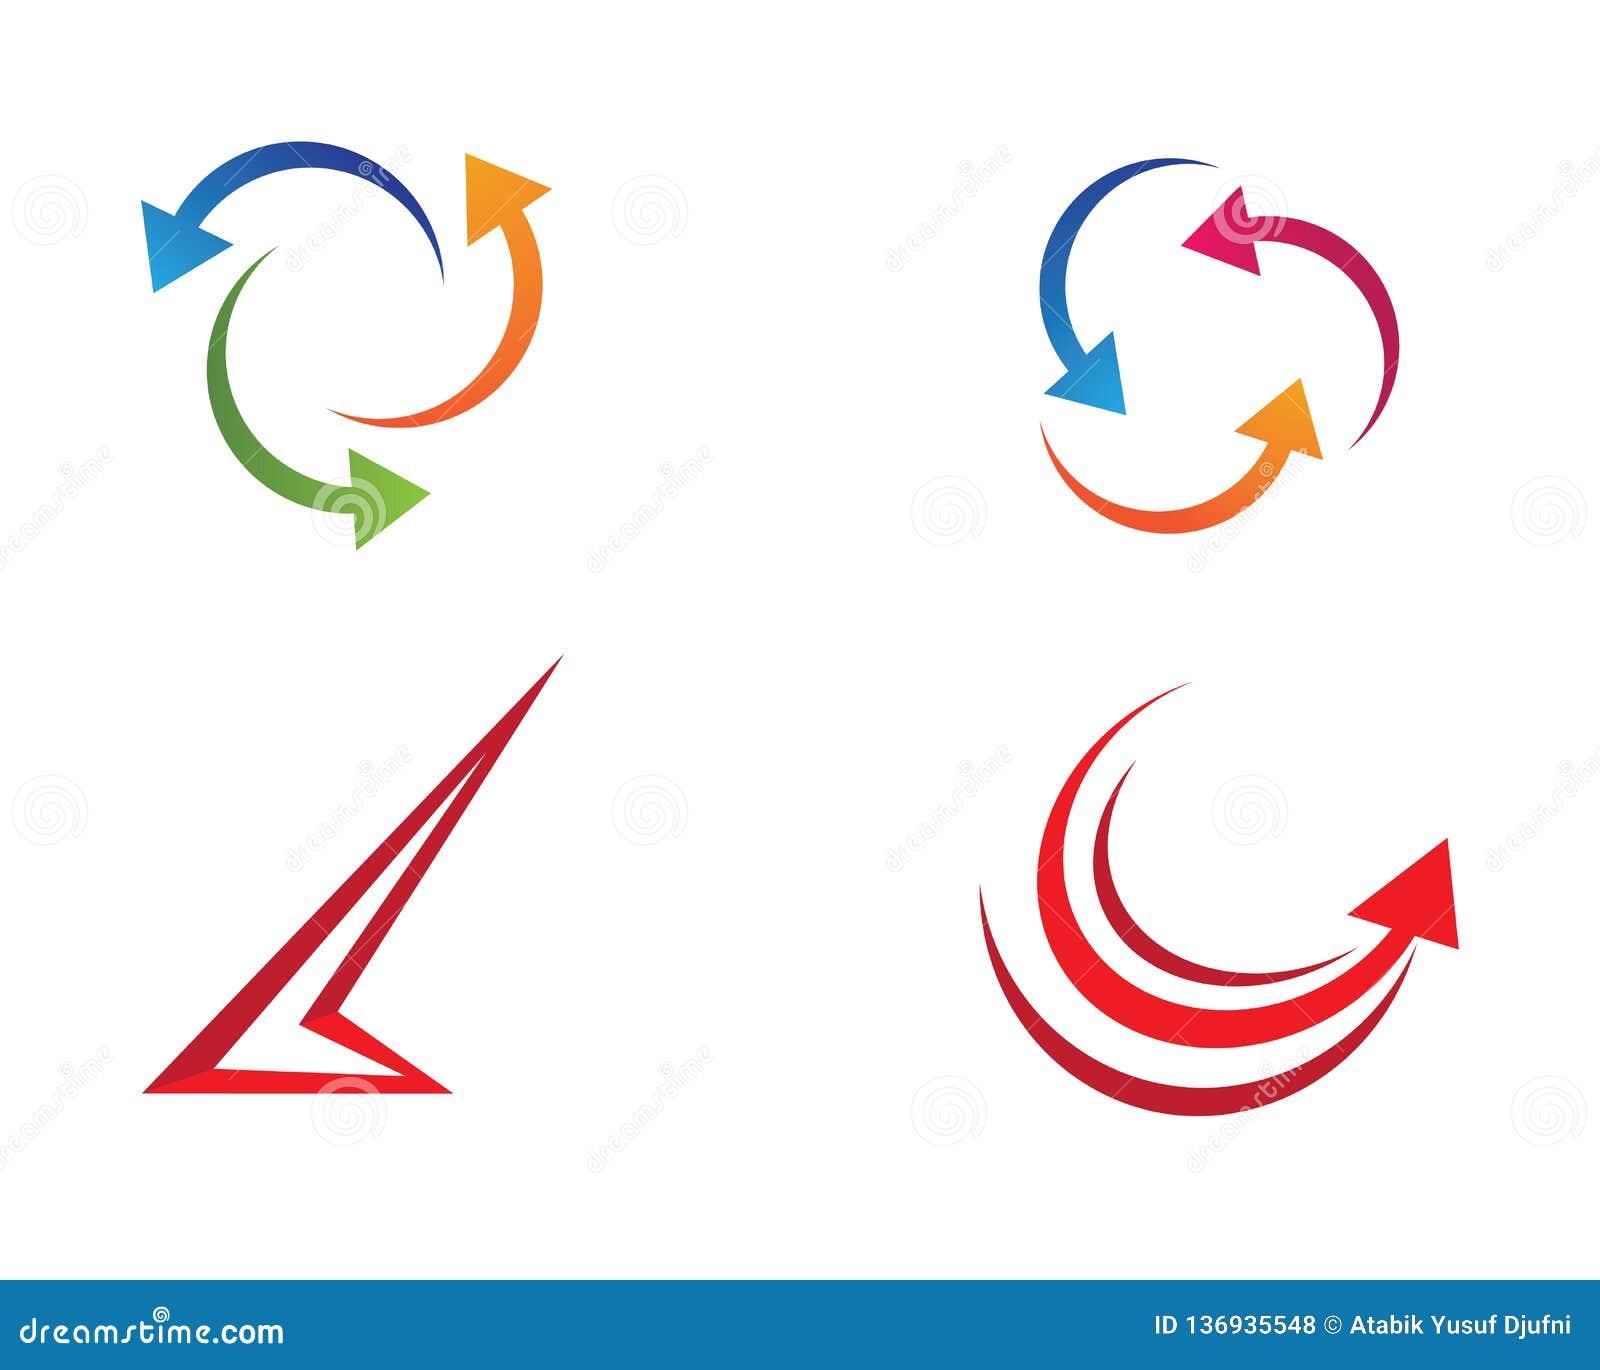 Ilustração do símbolo da seta